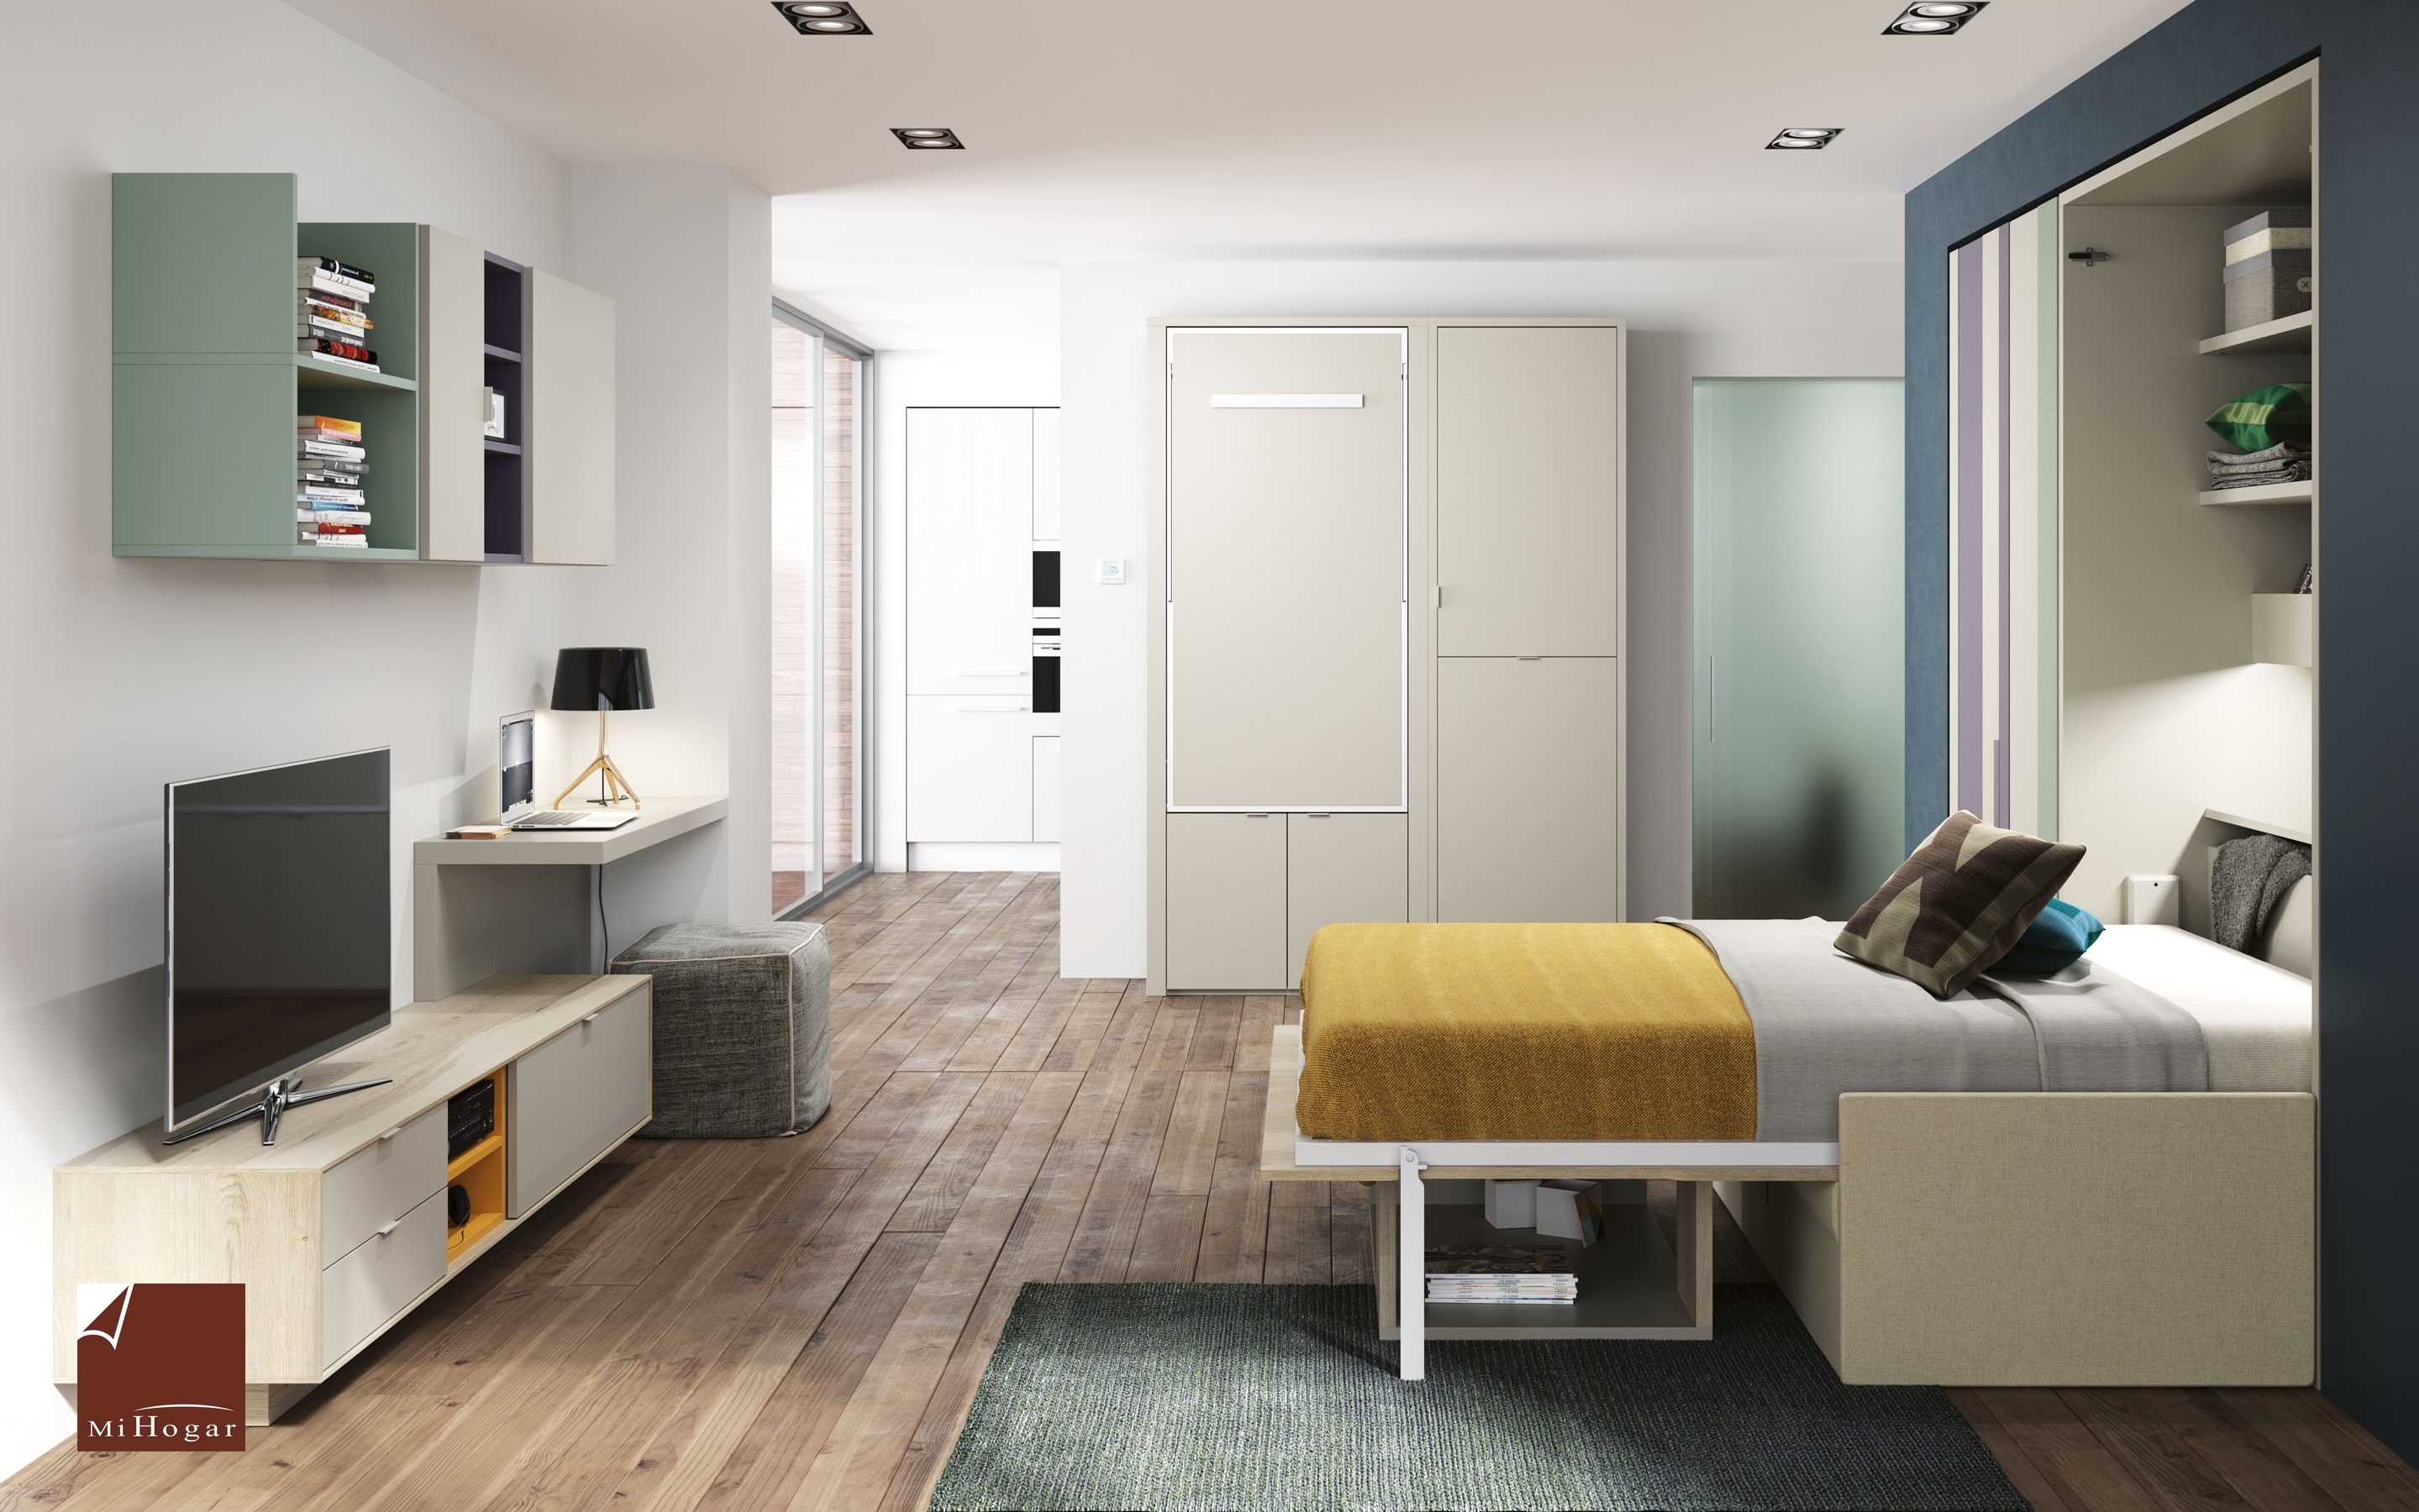 Cama abatible vertical con sofa tmb muebles mi hogar - Construir cama abatible ...